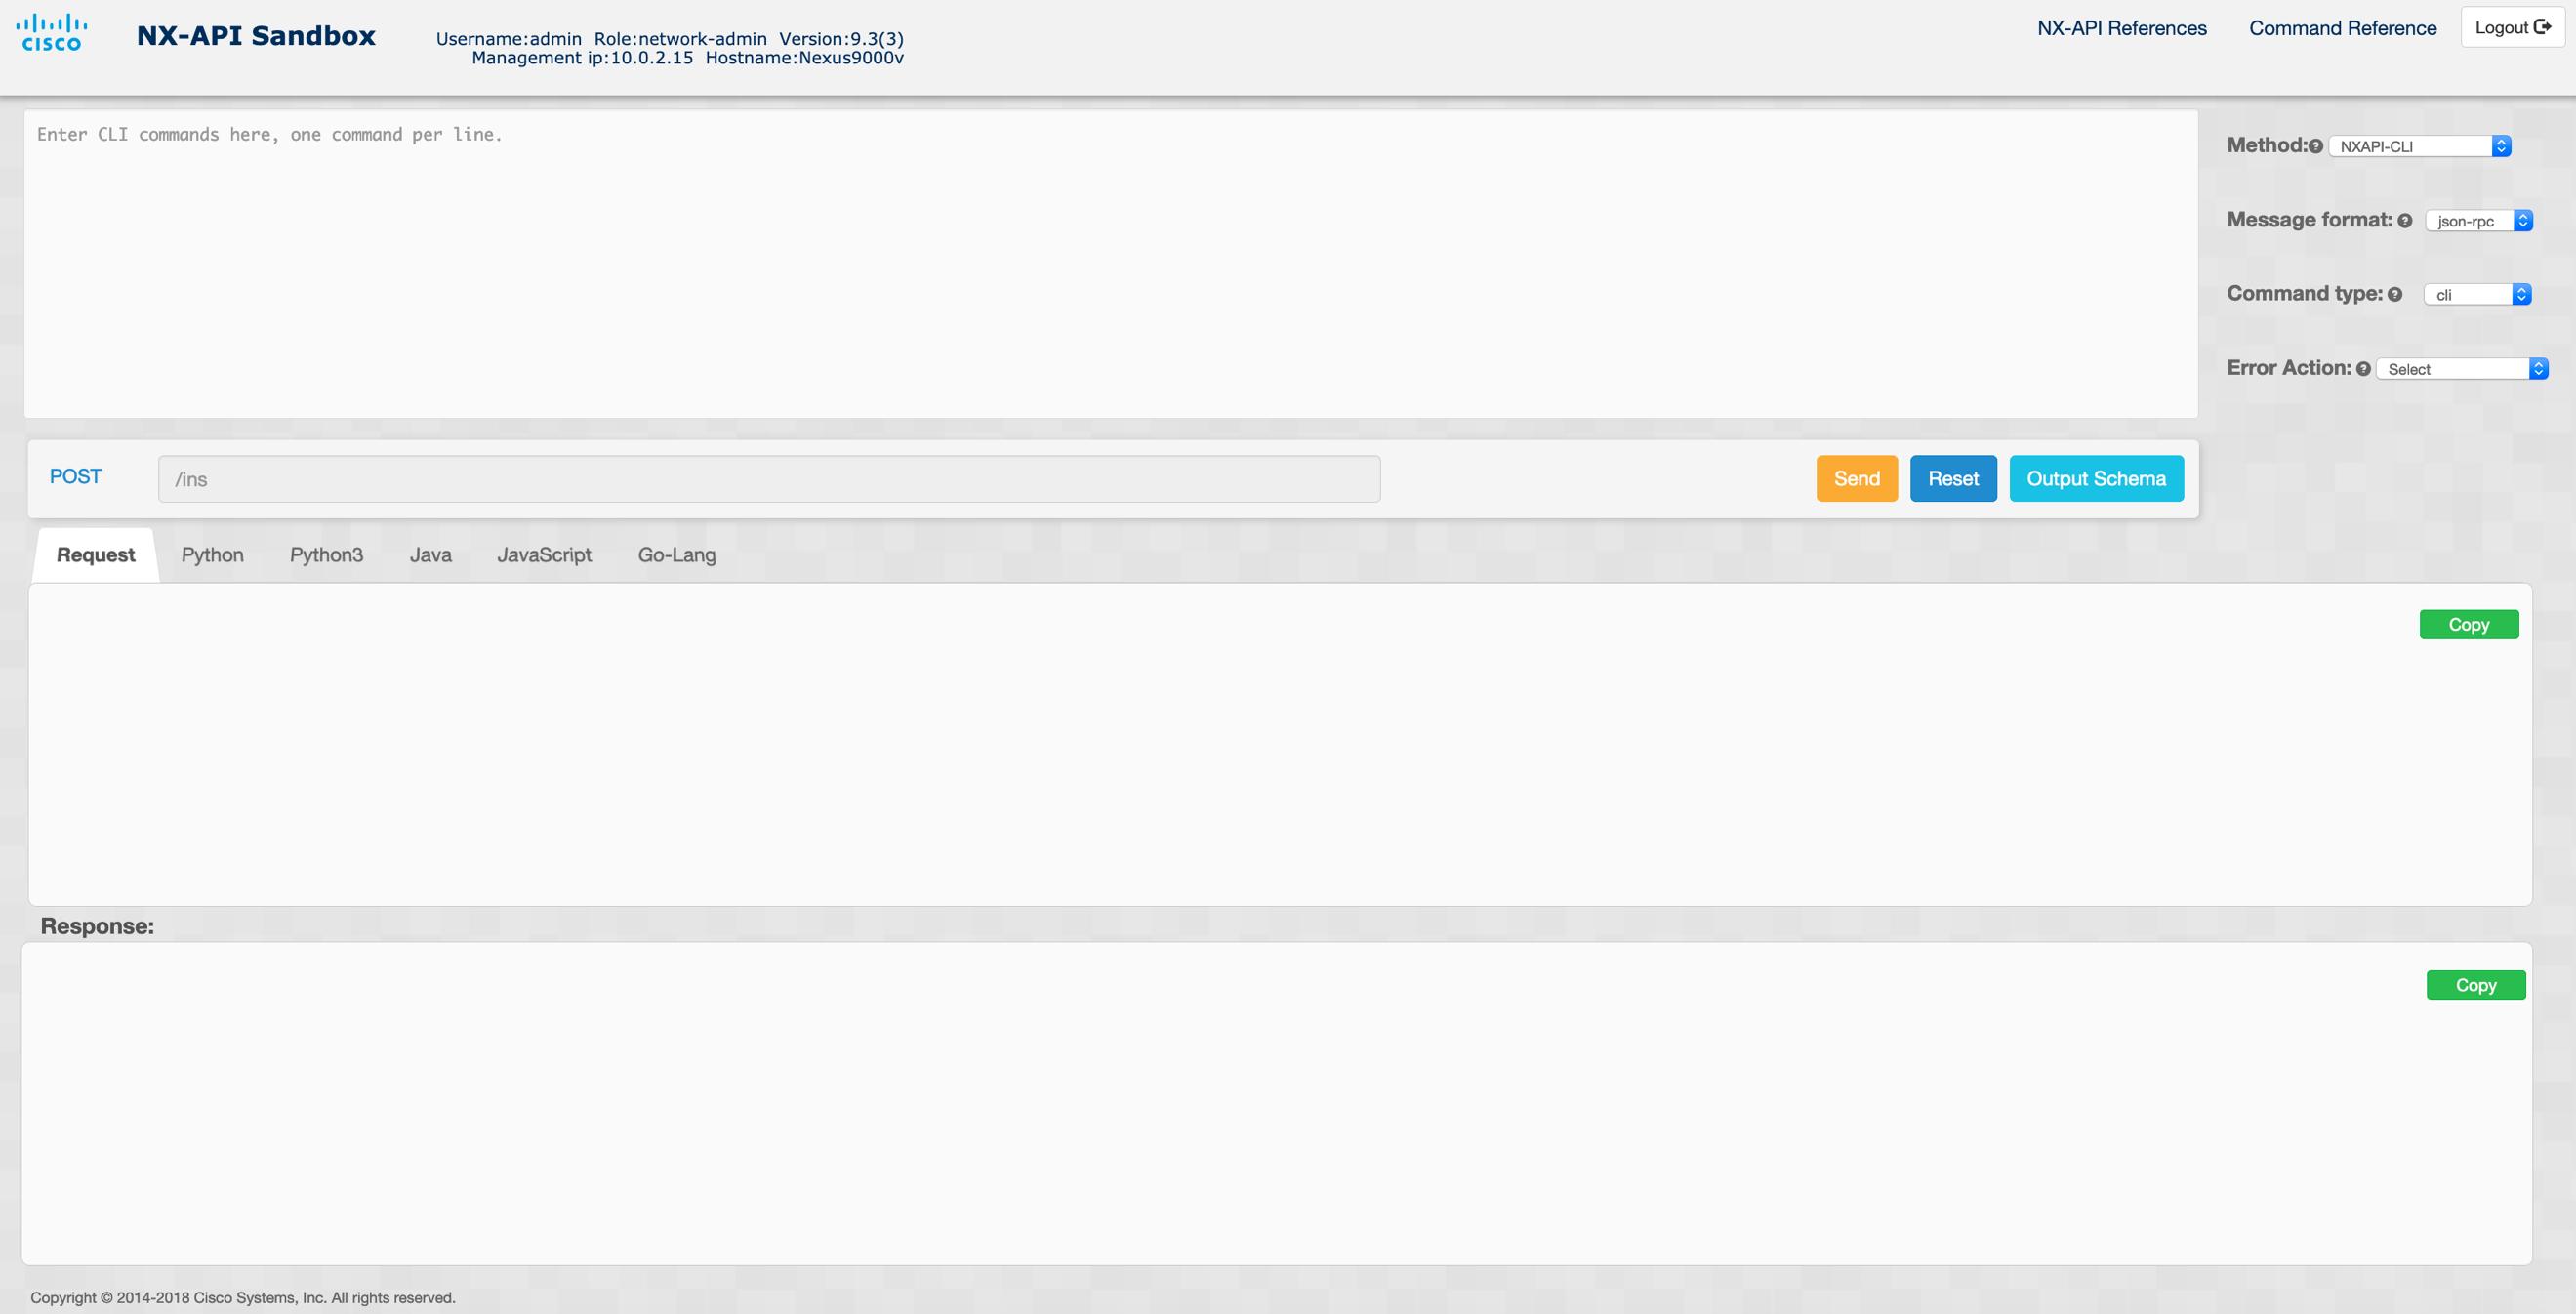 NX-OS NX-API sandbox